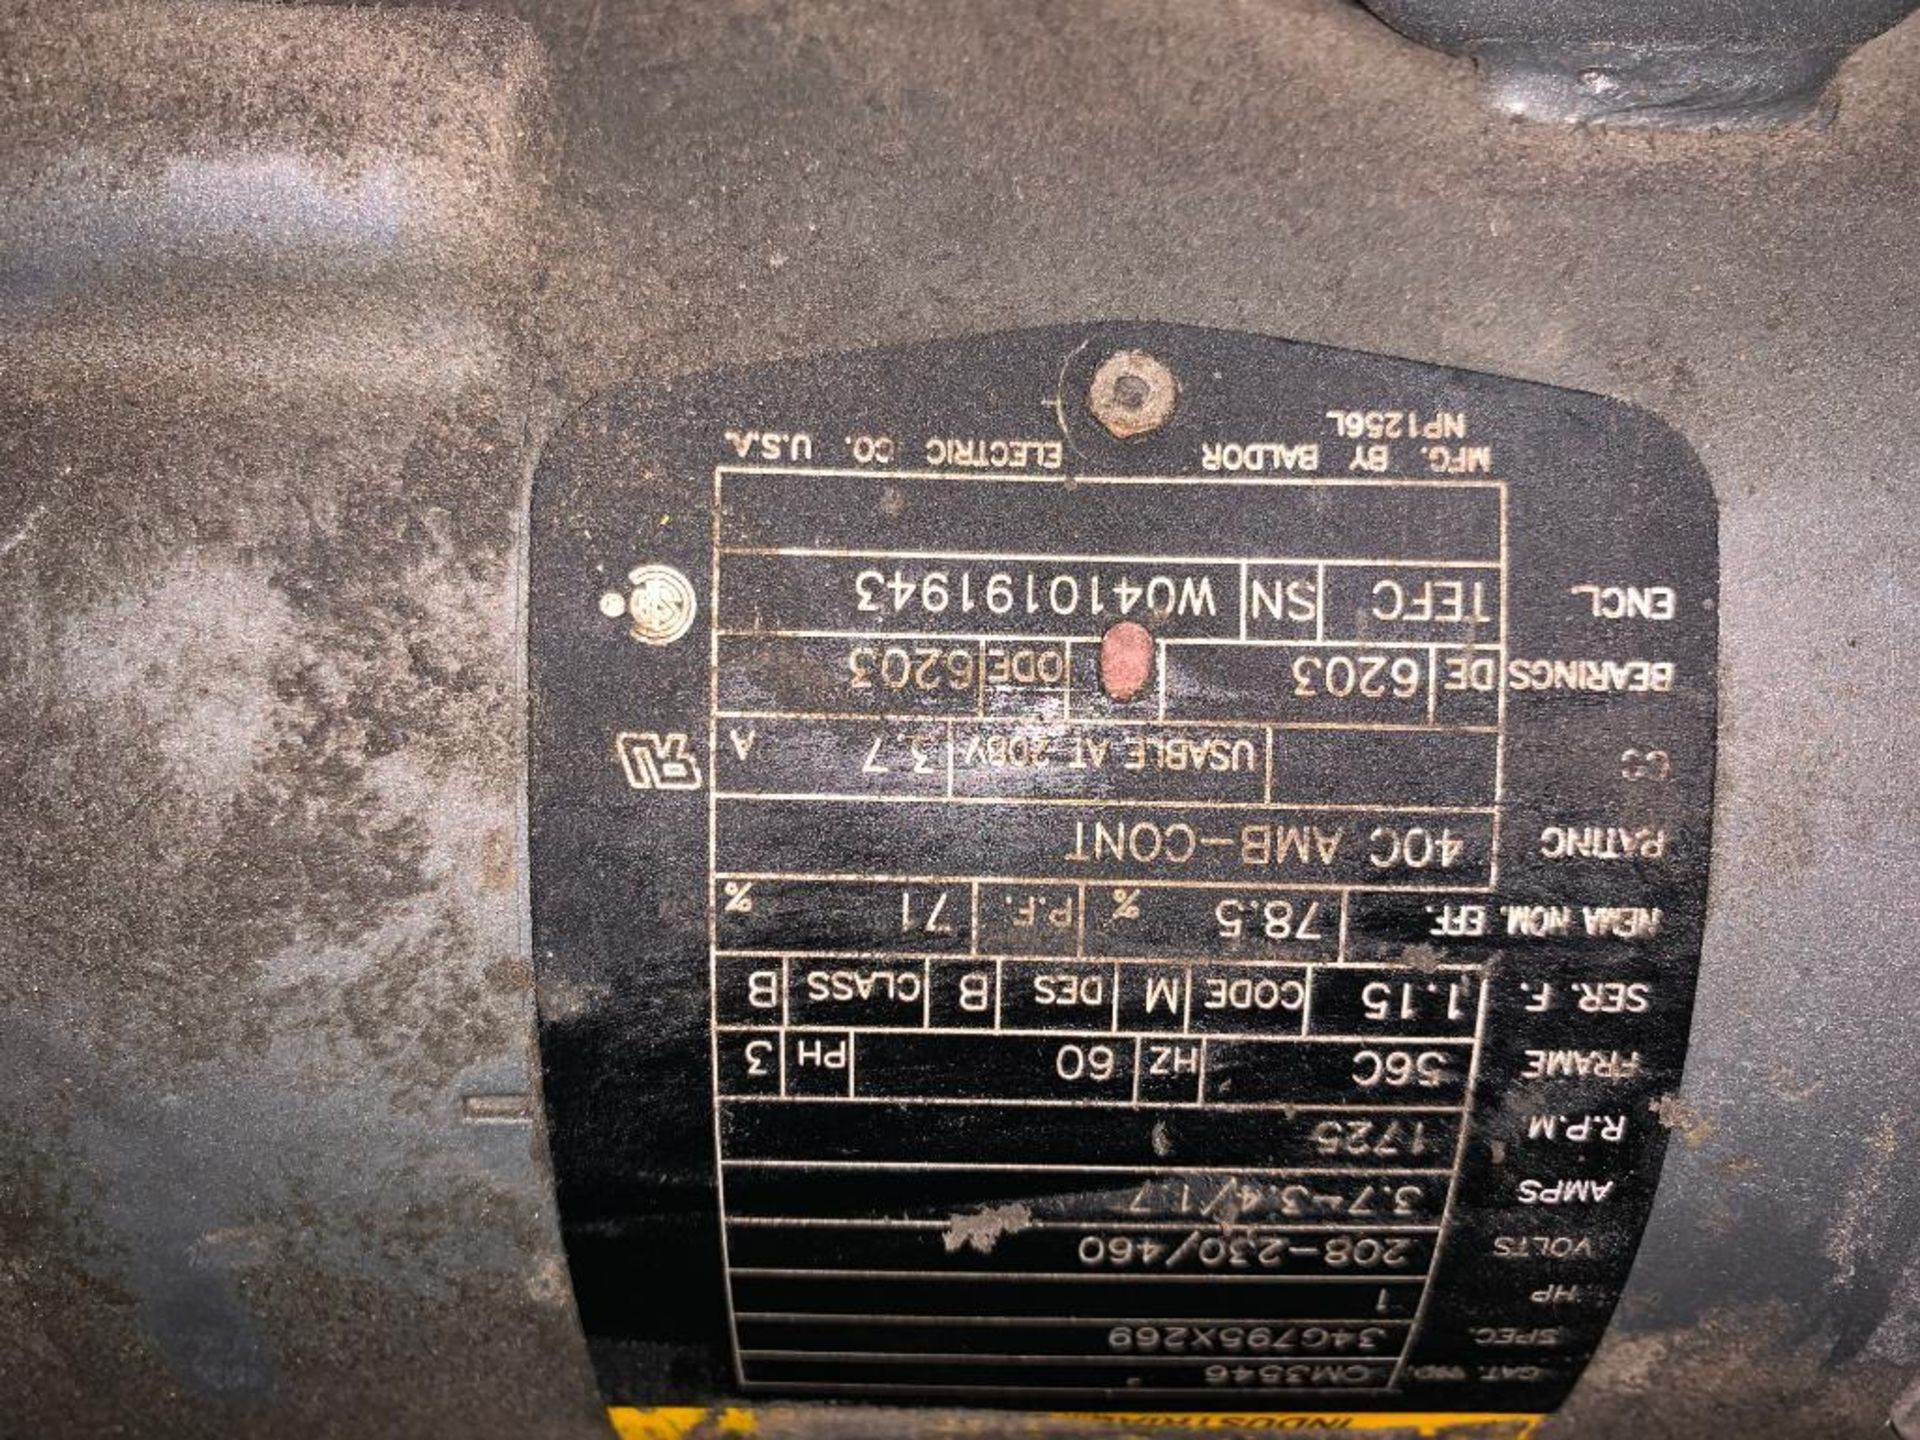 Mettler Toledo metal detector - Image 4 of 24